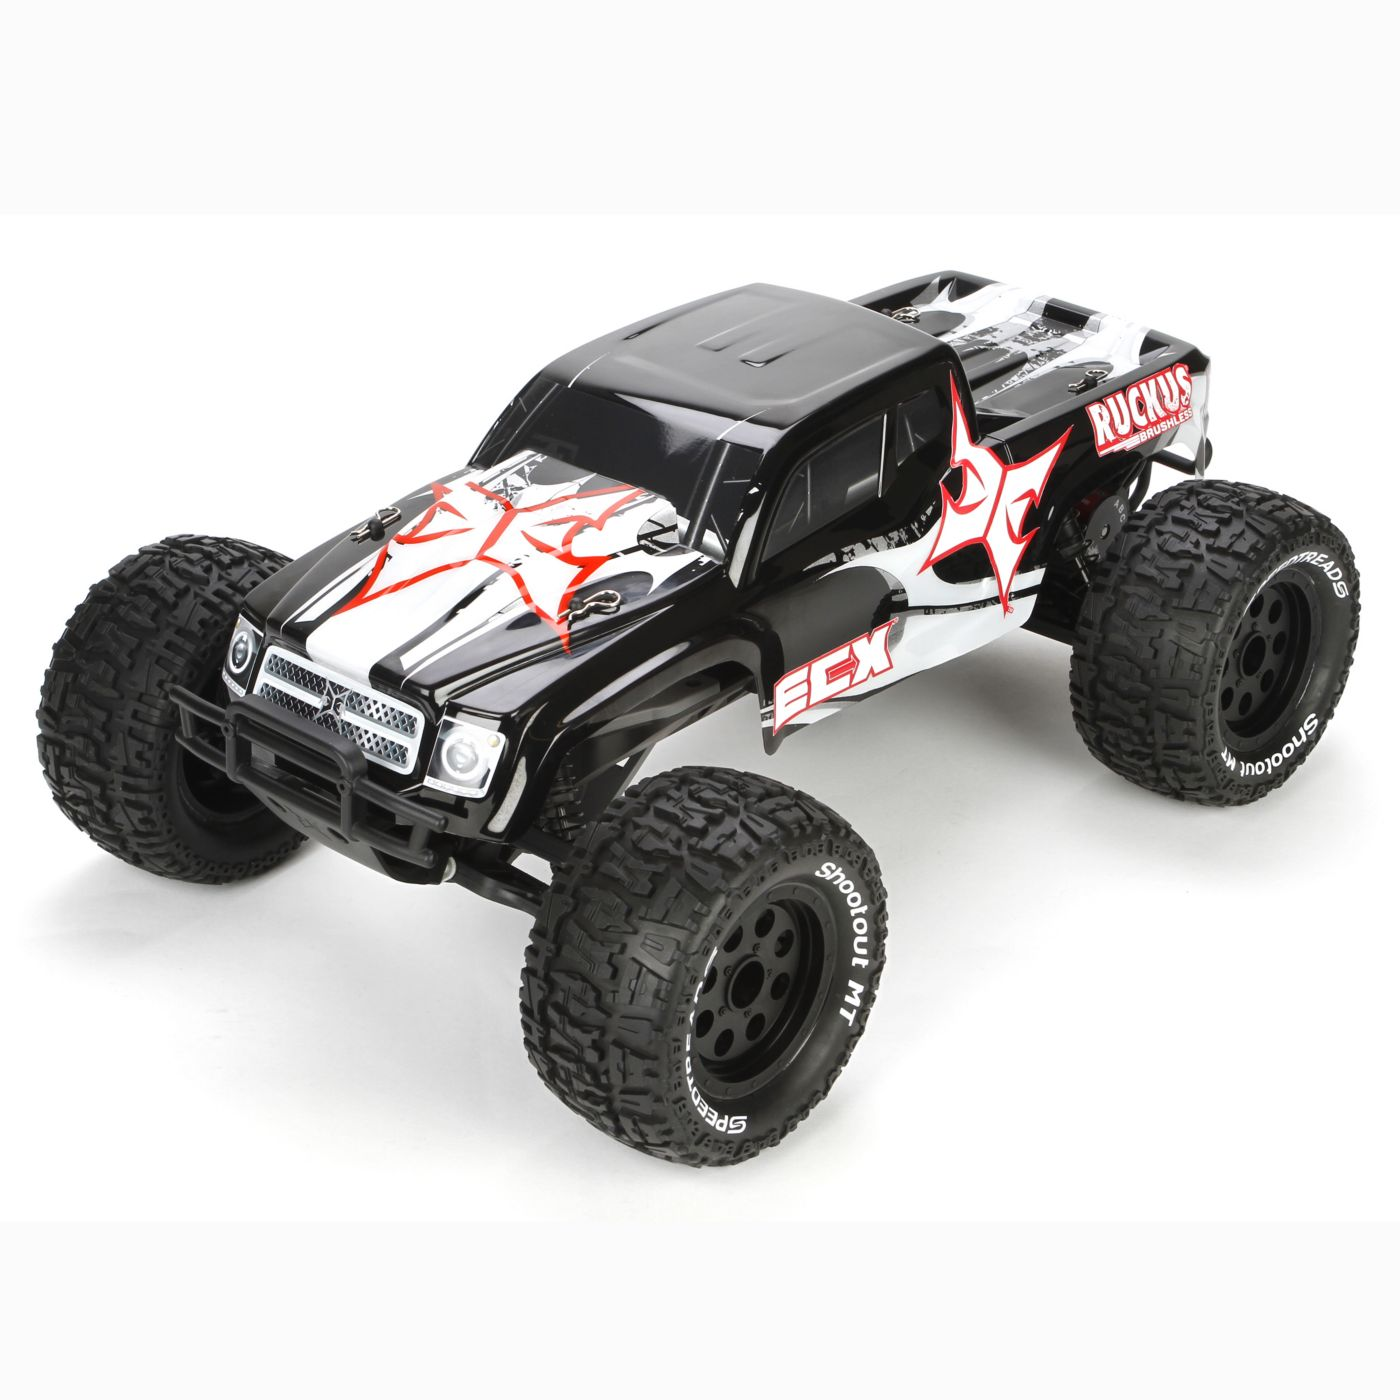 Ecx 1 10 Ruckus 2wd Brushless Rc Monster Truck Rtr Black